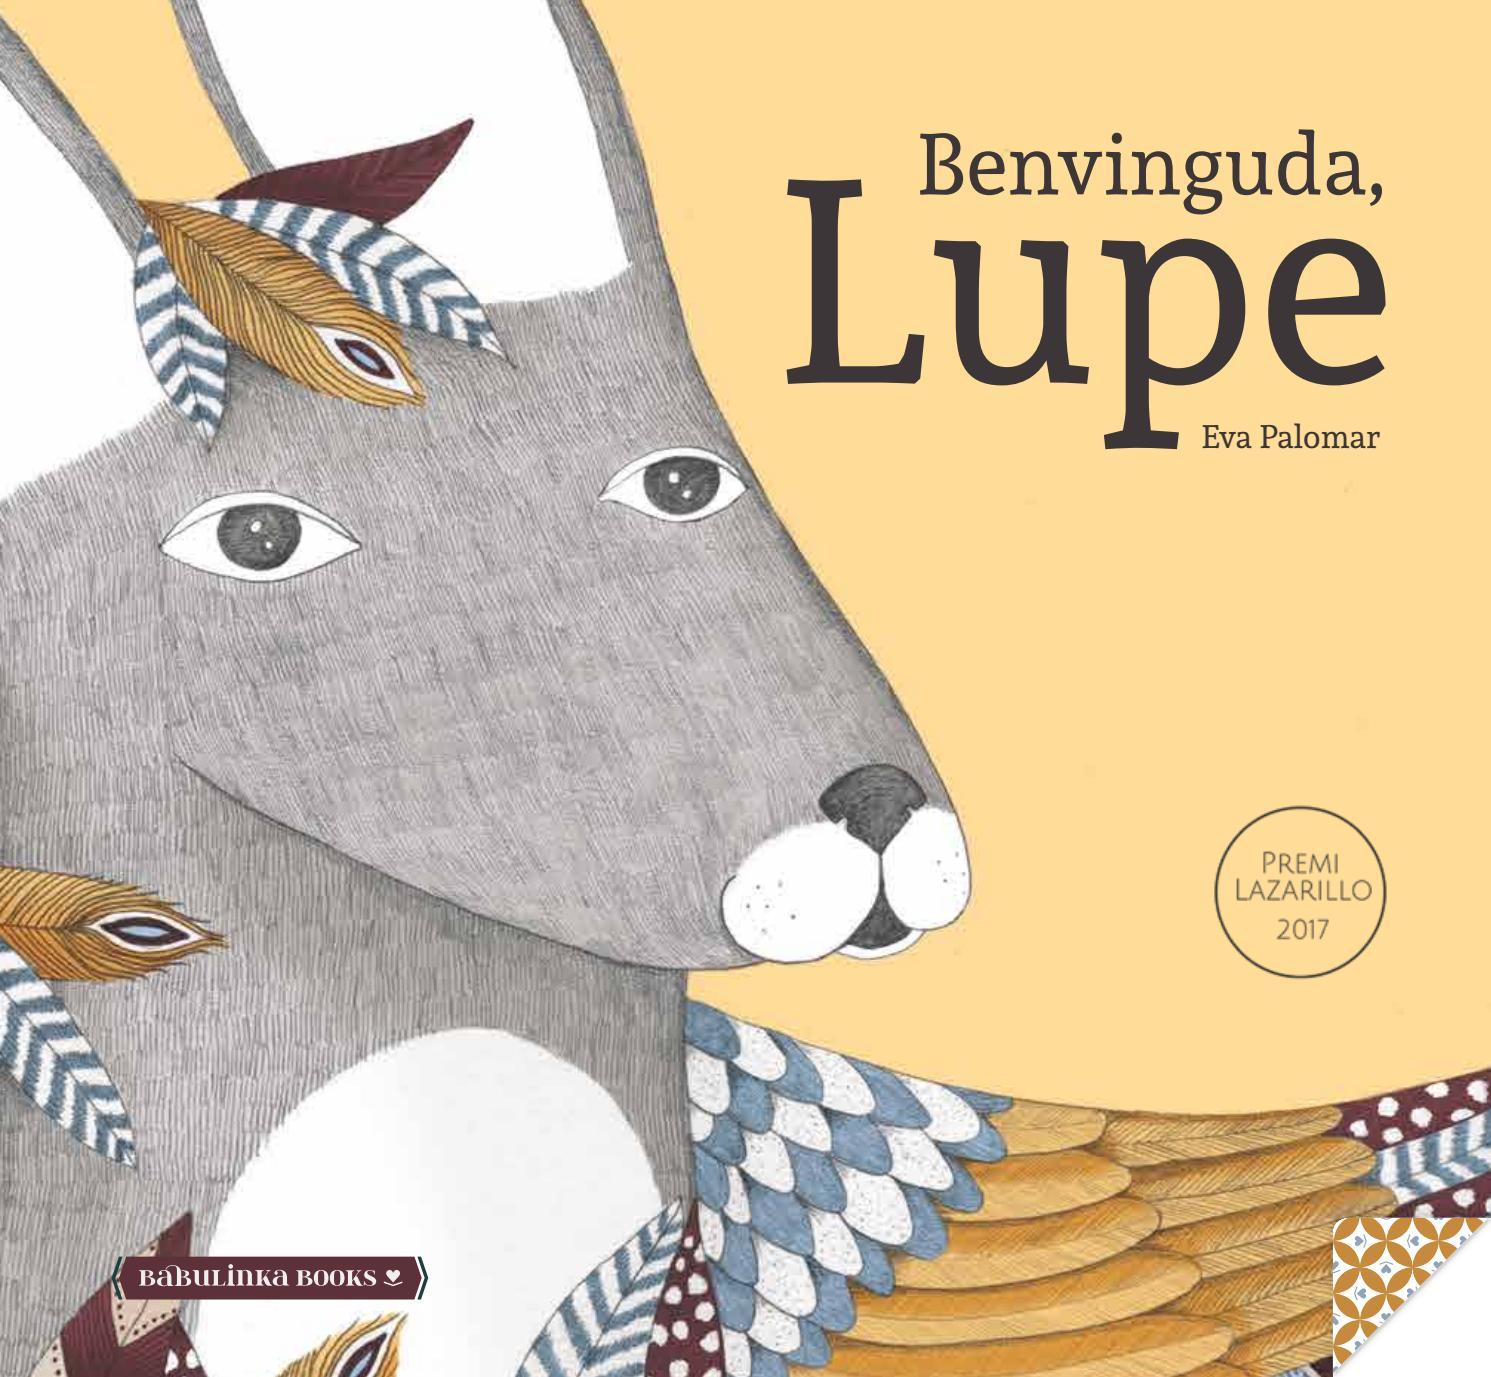 http://babulinkabooks.com/libros-y-regalo-descargas/benvingudalupe/